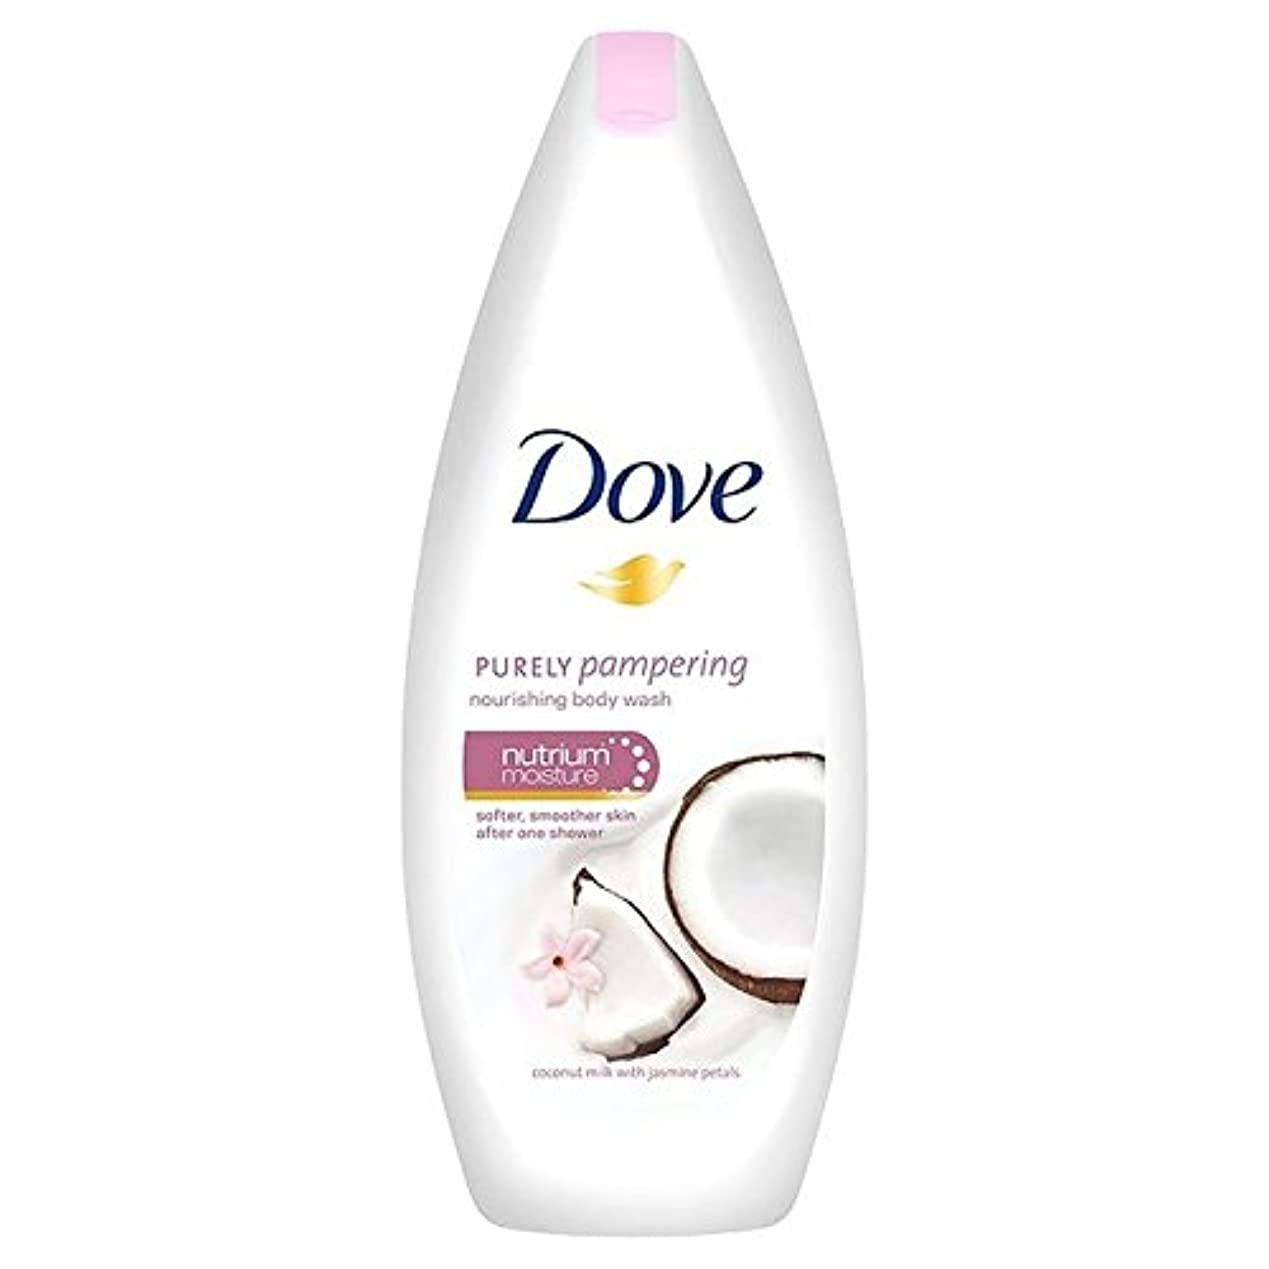 数字司令官巨人鳩純粋に甘やかすココナッツボディウォッシュ250ミリリットル x4 - Dove Purely Pampering Coconut Body Wash 250ml (Pack of 4) [並行輸入品]